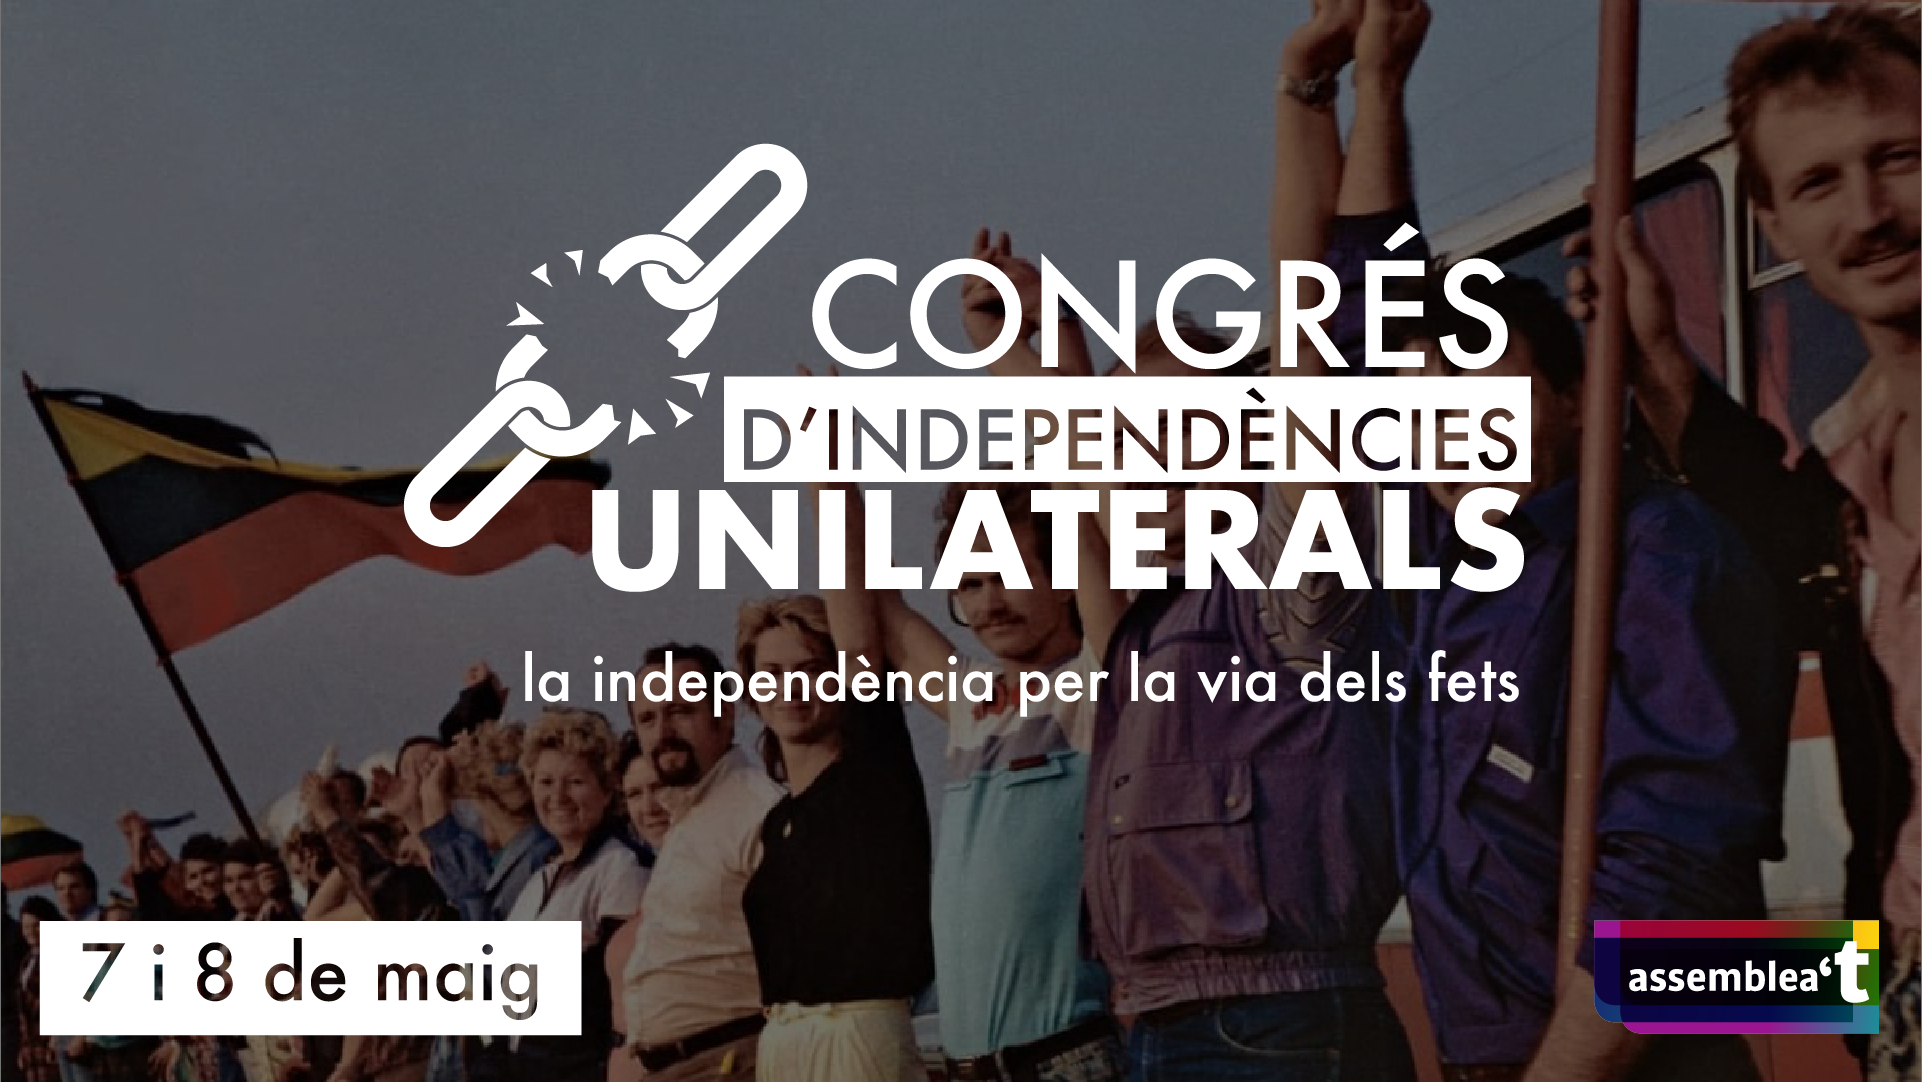 Congrés d'Independències Unilaterals